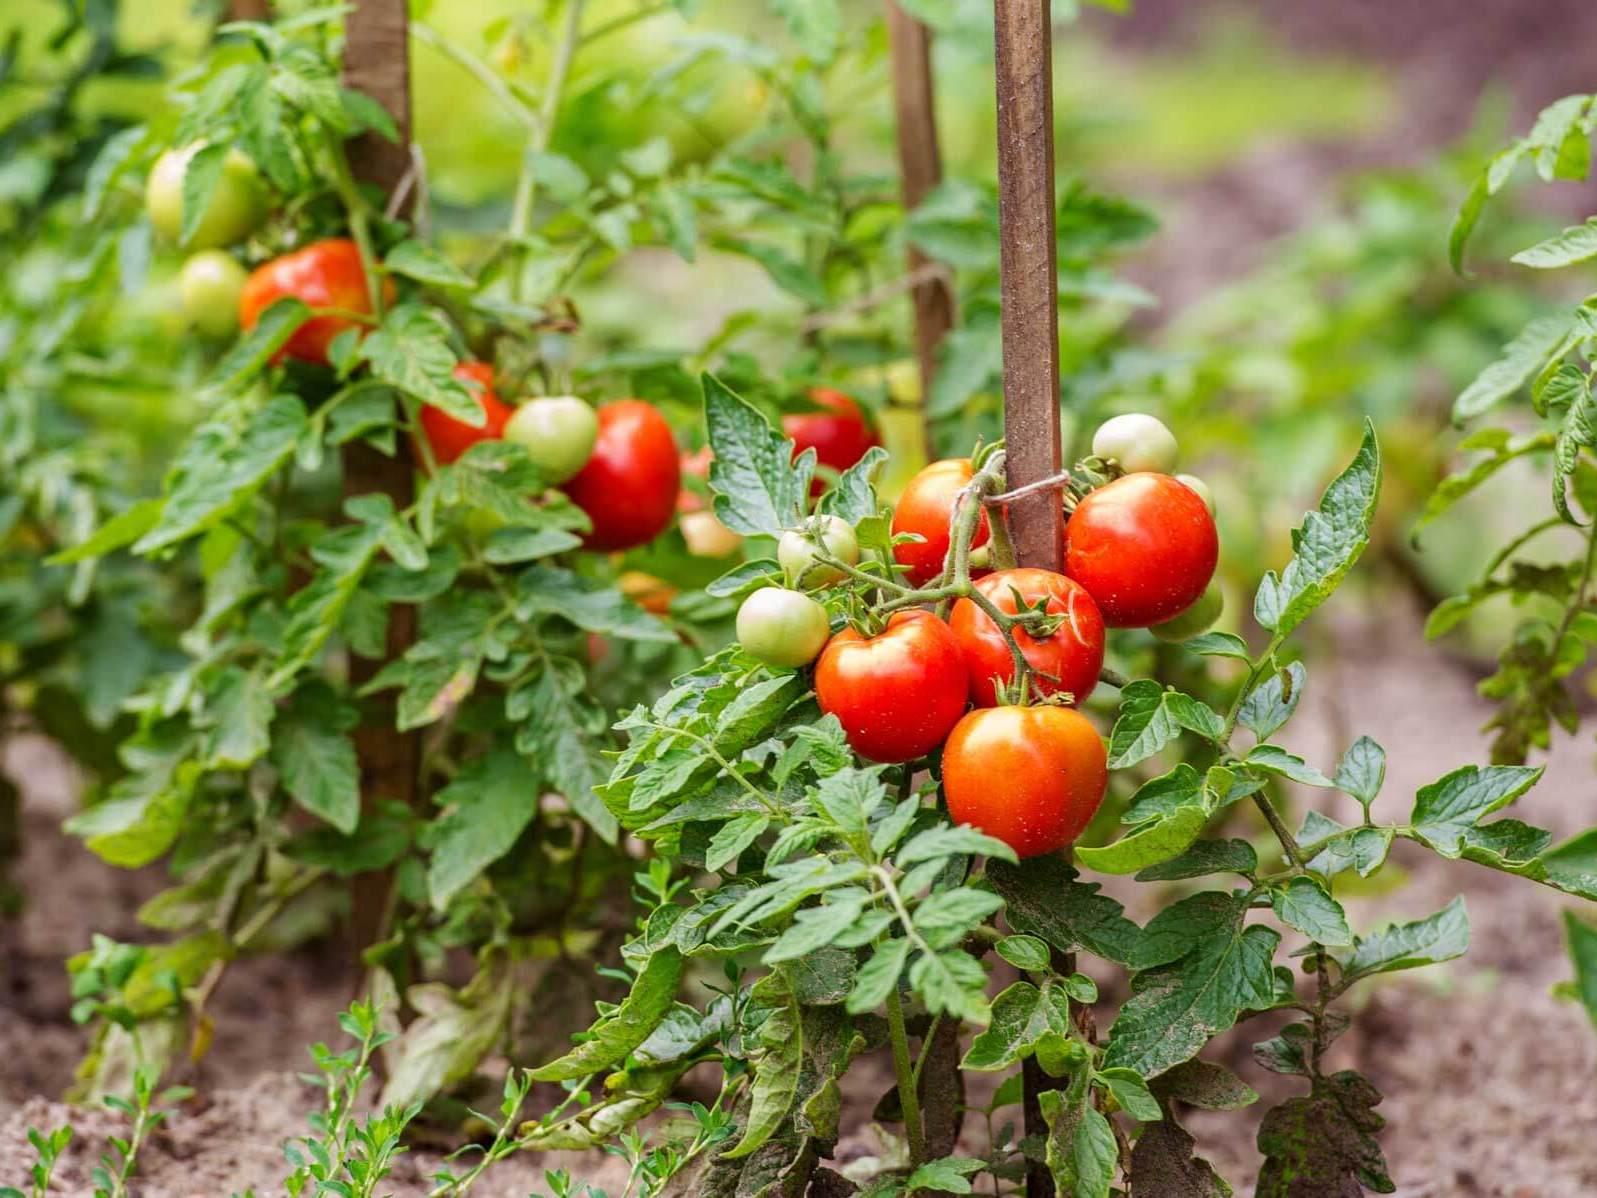 Останнє підживлення томатів проводять під час наливання перших плодів